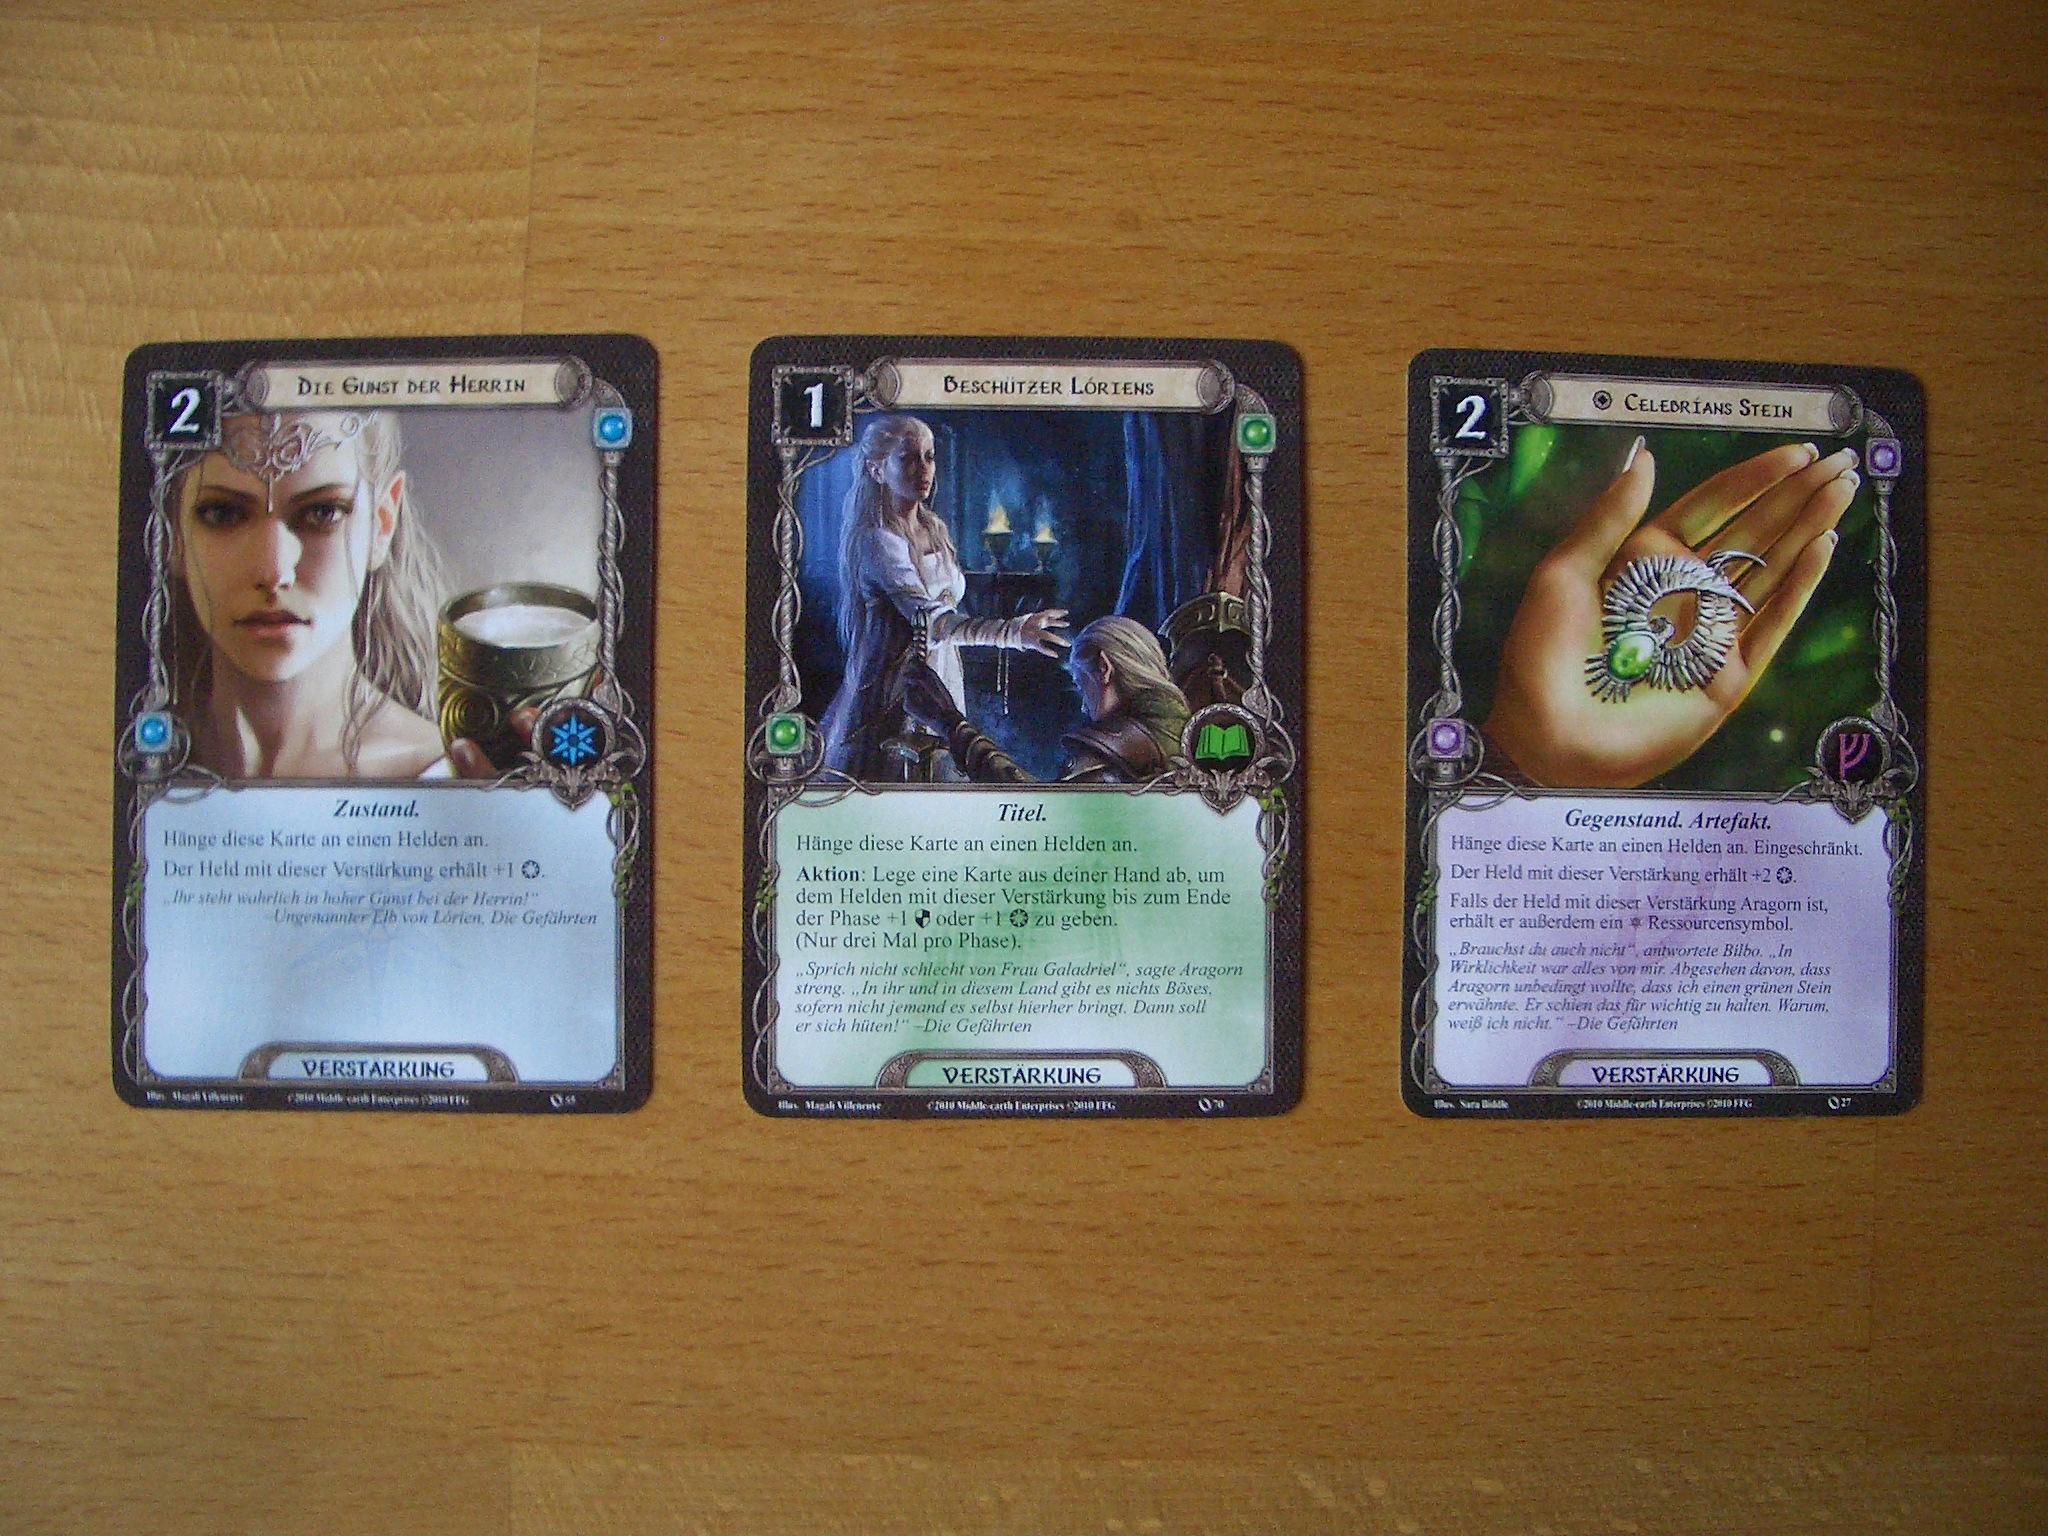 Herr der Rnge - Das Kartenspiel Bild 5 Verstärkungskarten